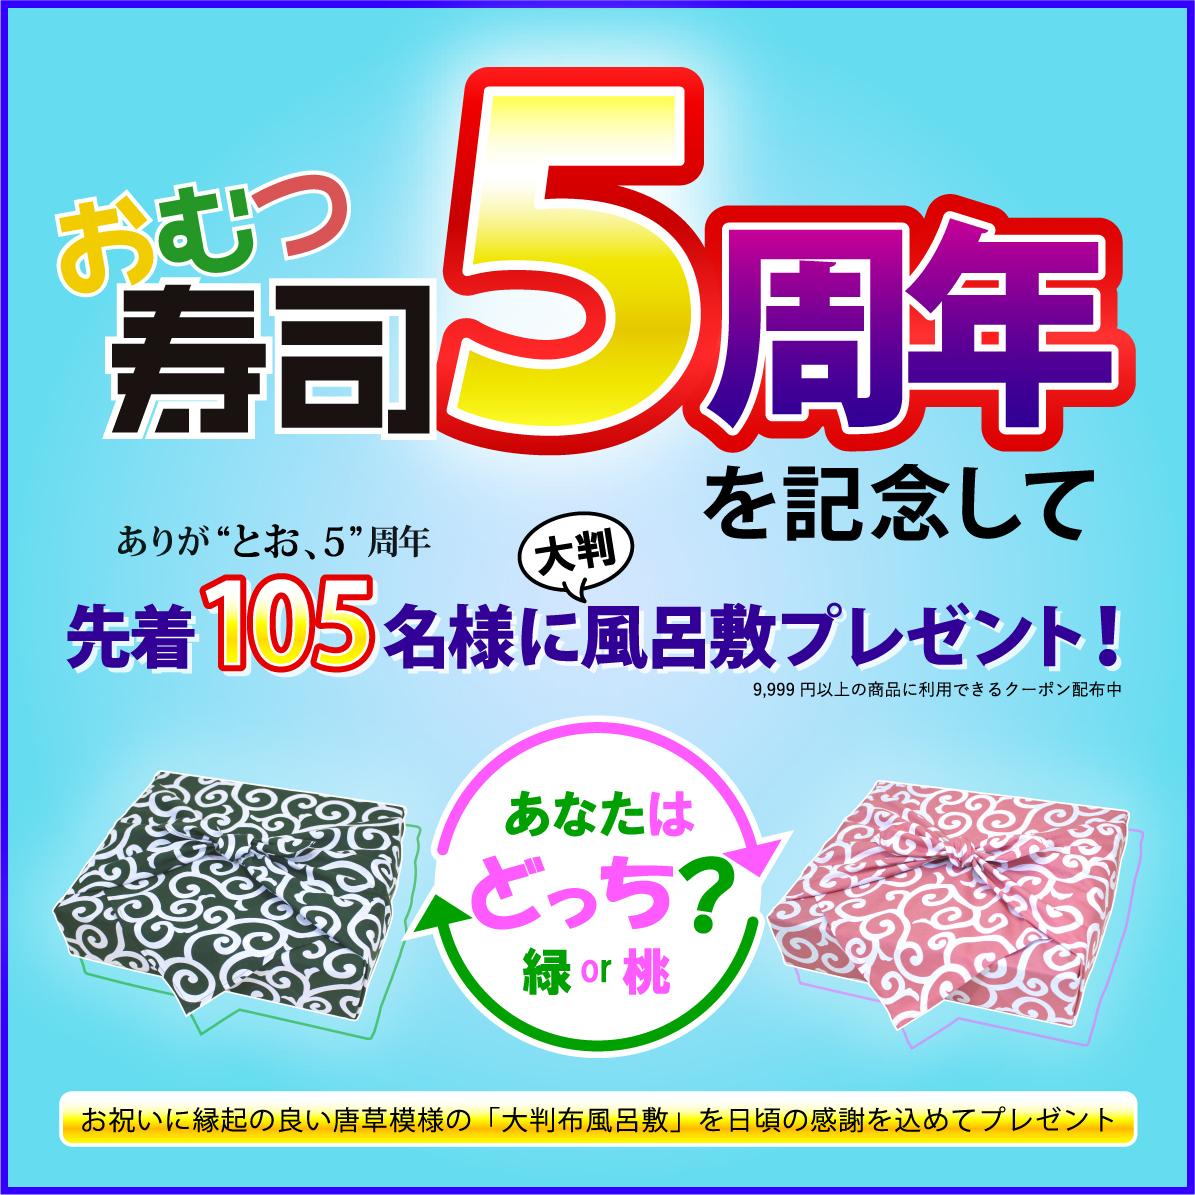 おむつ寿司・5周年クーポン